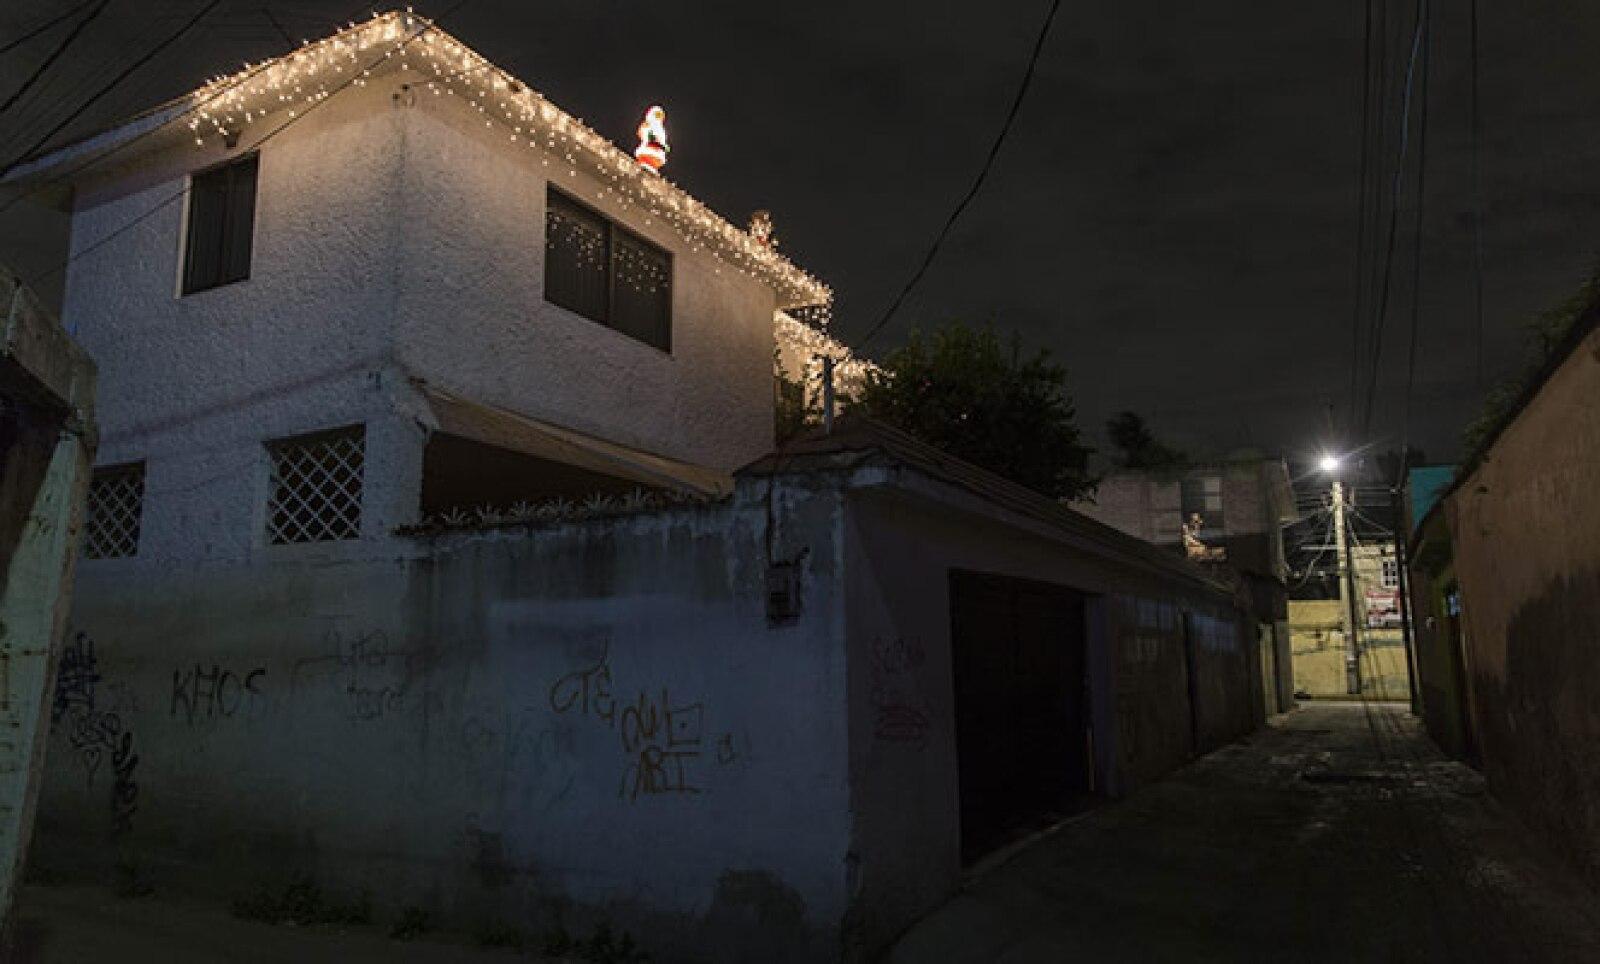 Algunos vecinos de Xochimilco comentaron que las decoraciones en las casas han bajado, hasta en un 30%, principalmente por los altos costos de luz que representa.